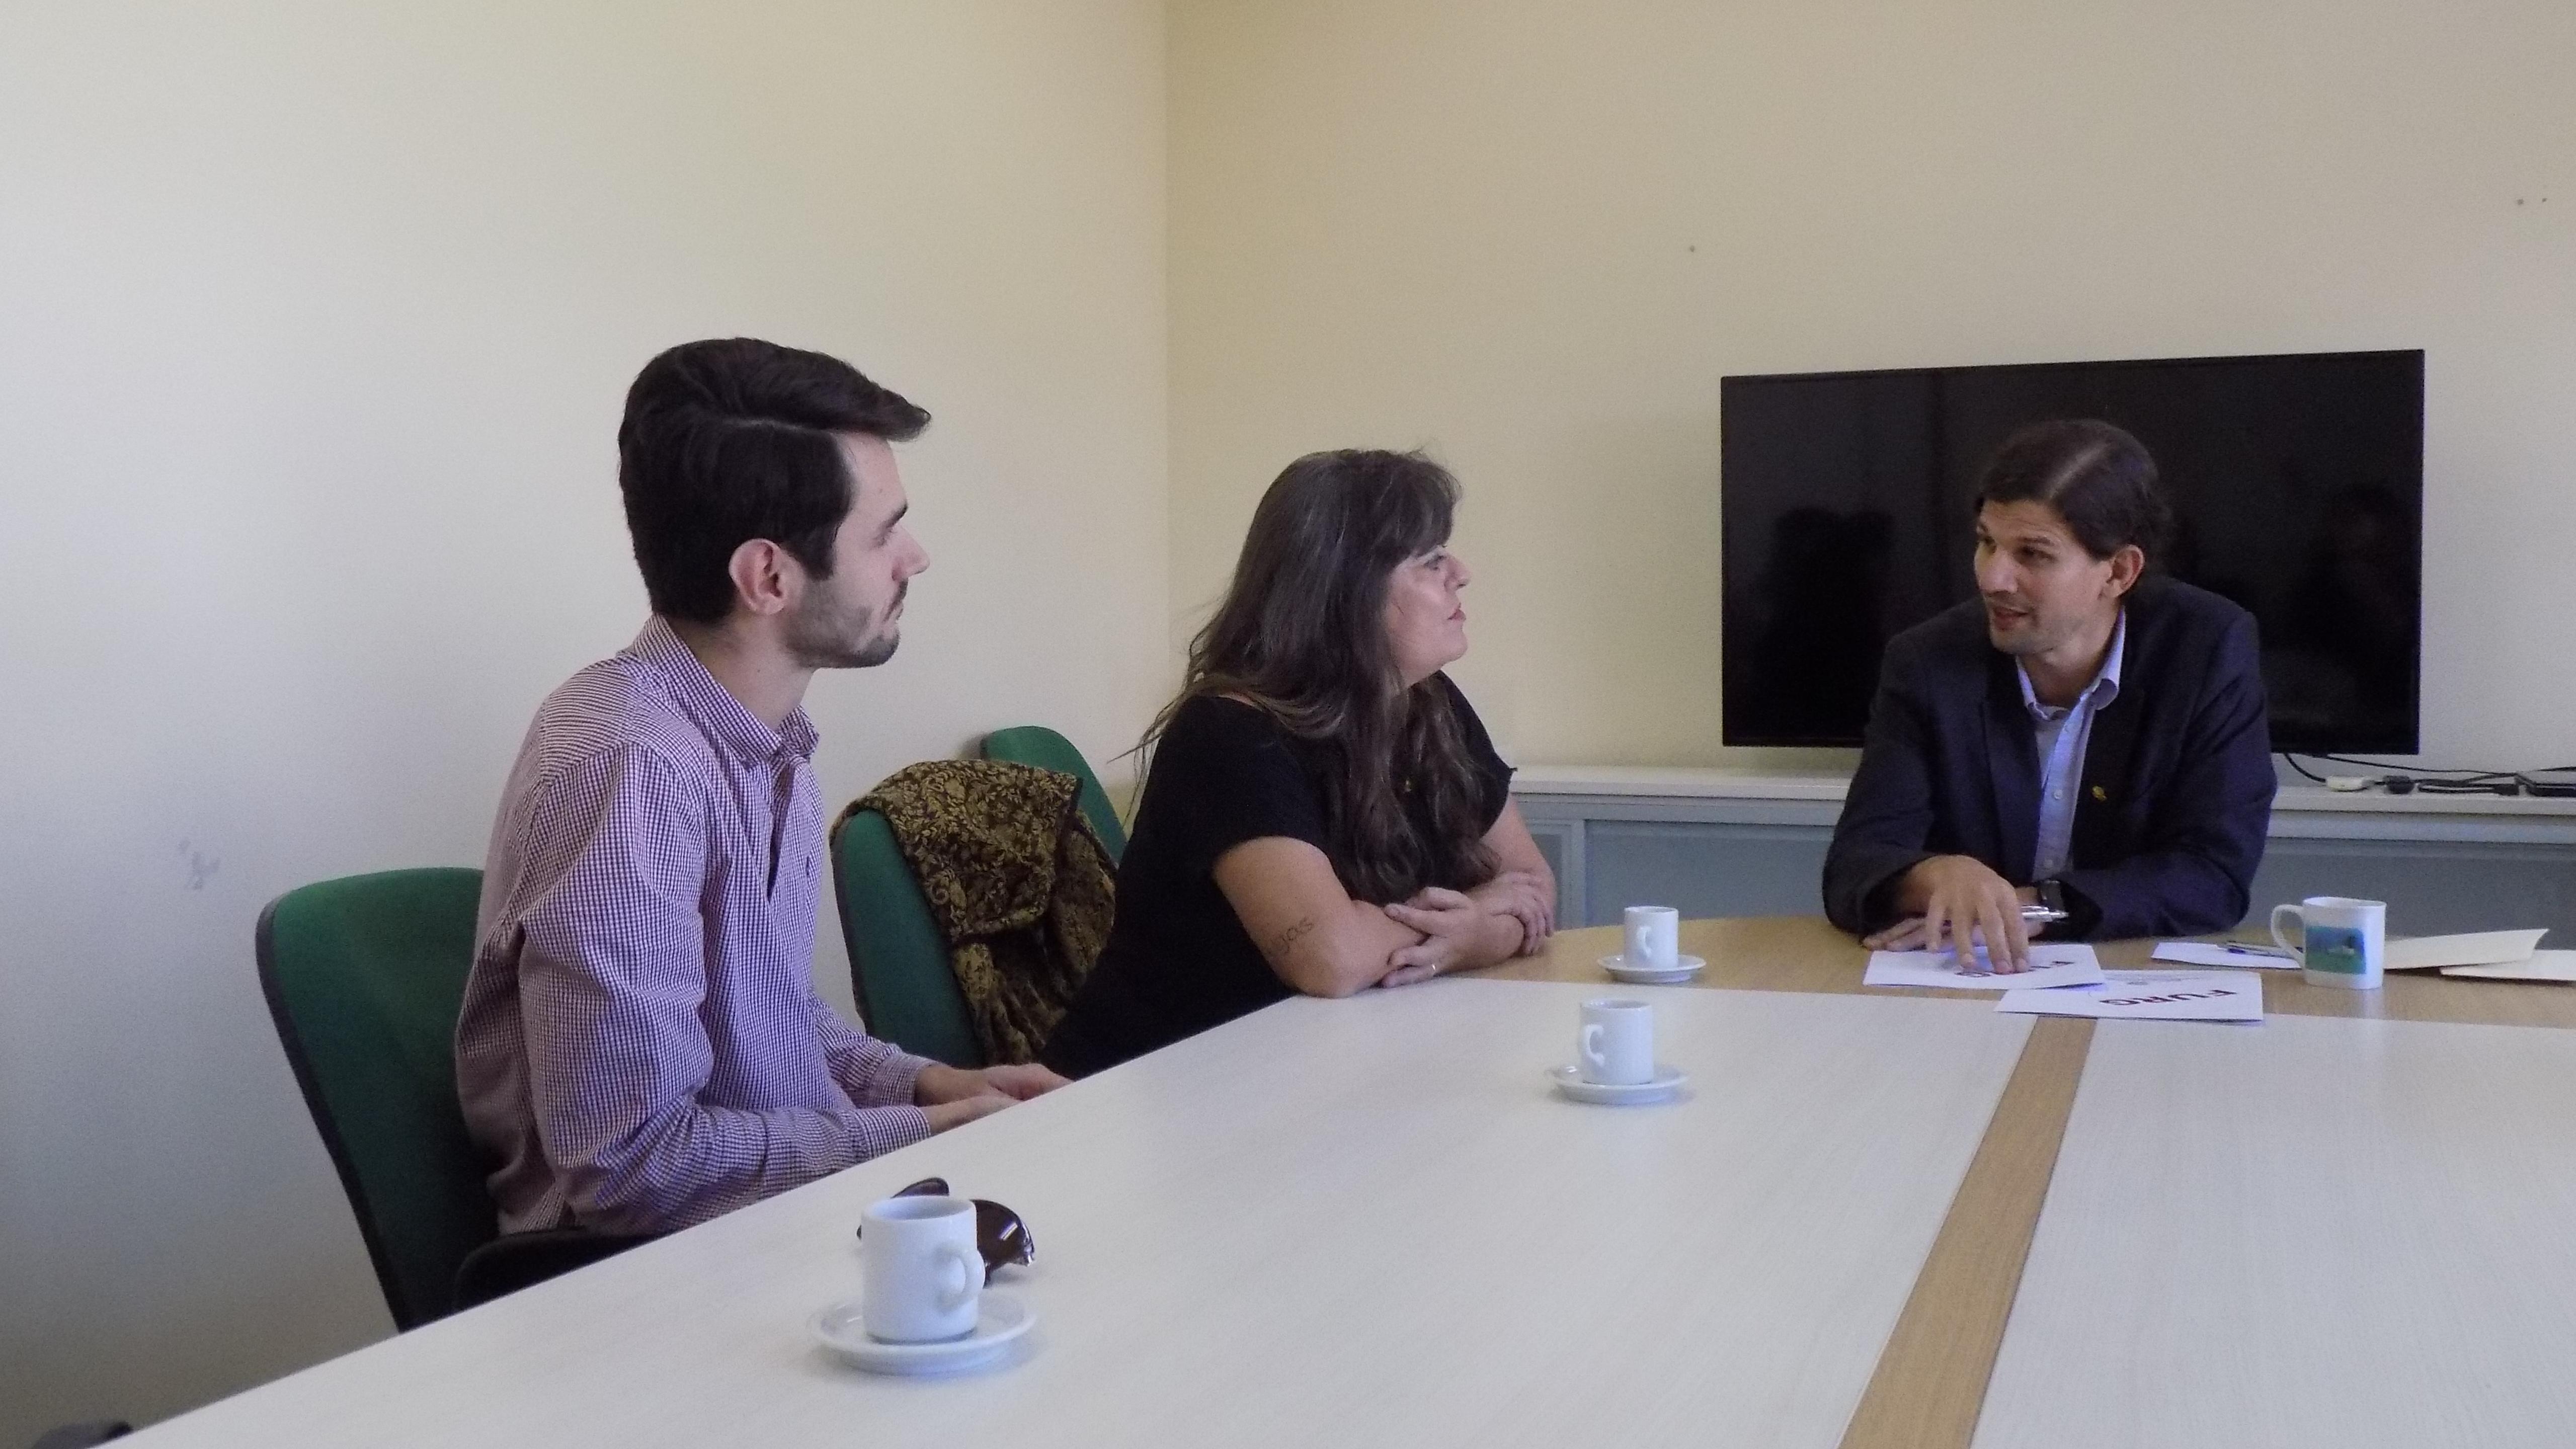 Três pessoas sentadas a mesa, dois lado a lado e um a frente. São dois homens e uma mulher. Mesa branca, cadeiras verdes. Em cima da mesa tem papéis, xícaras e caneta.